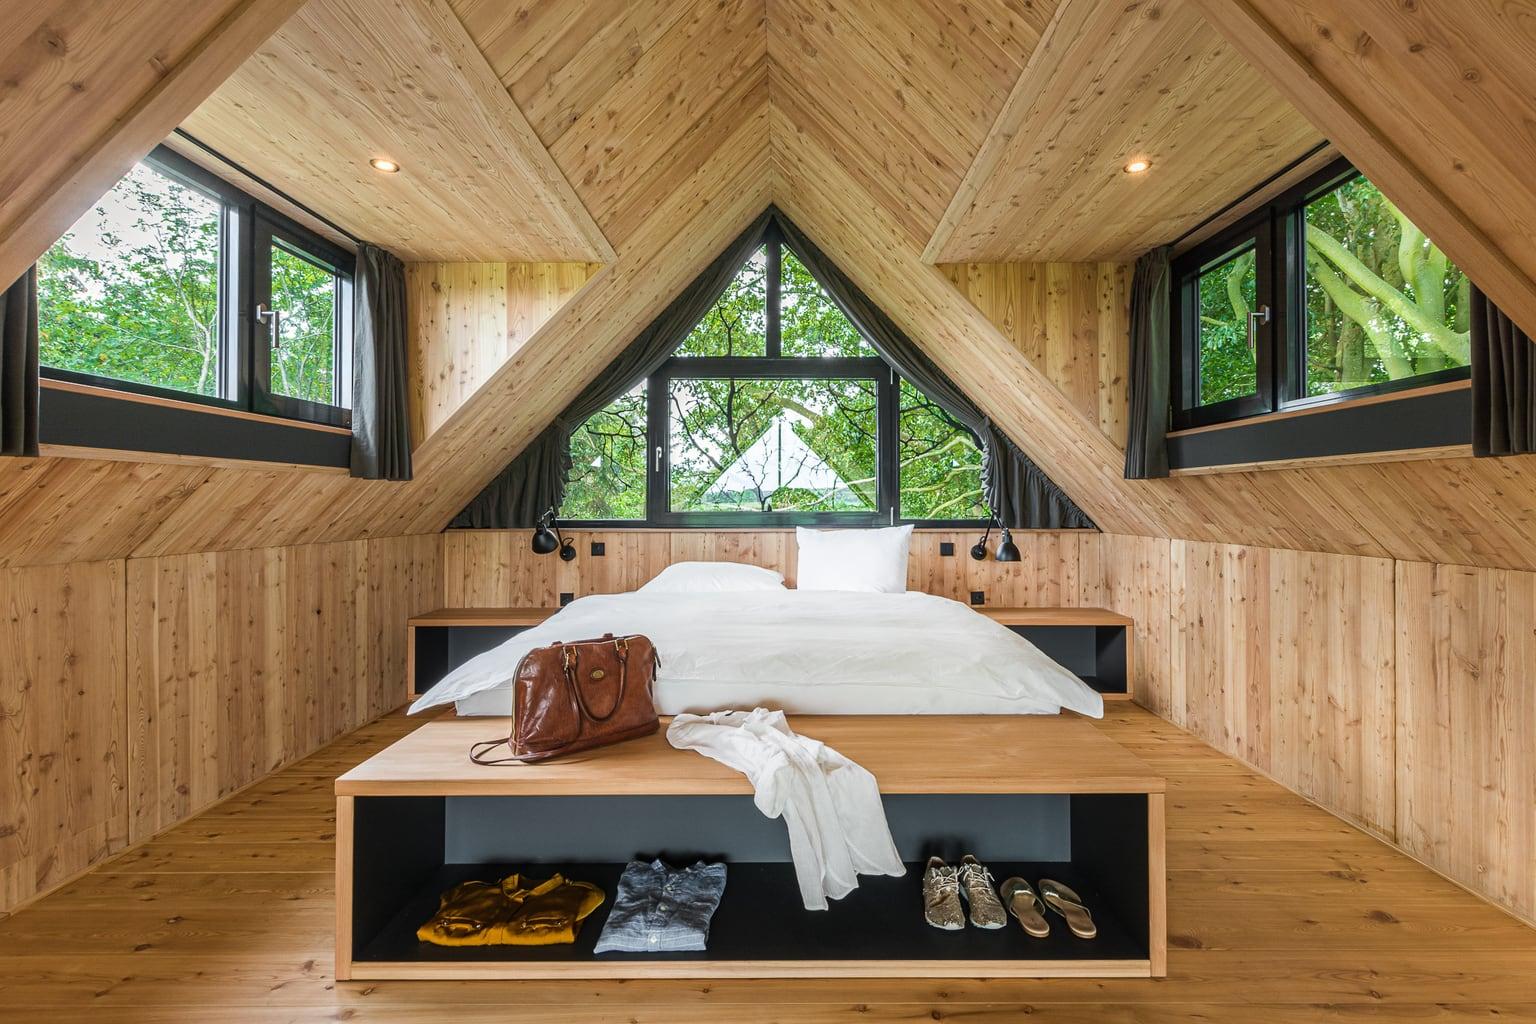 Slaapkamer in het boomhuis van Hotel Lütetsburg Lodges in Nedersaksen met veel hout